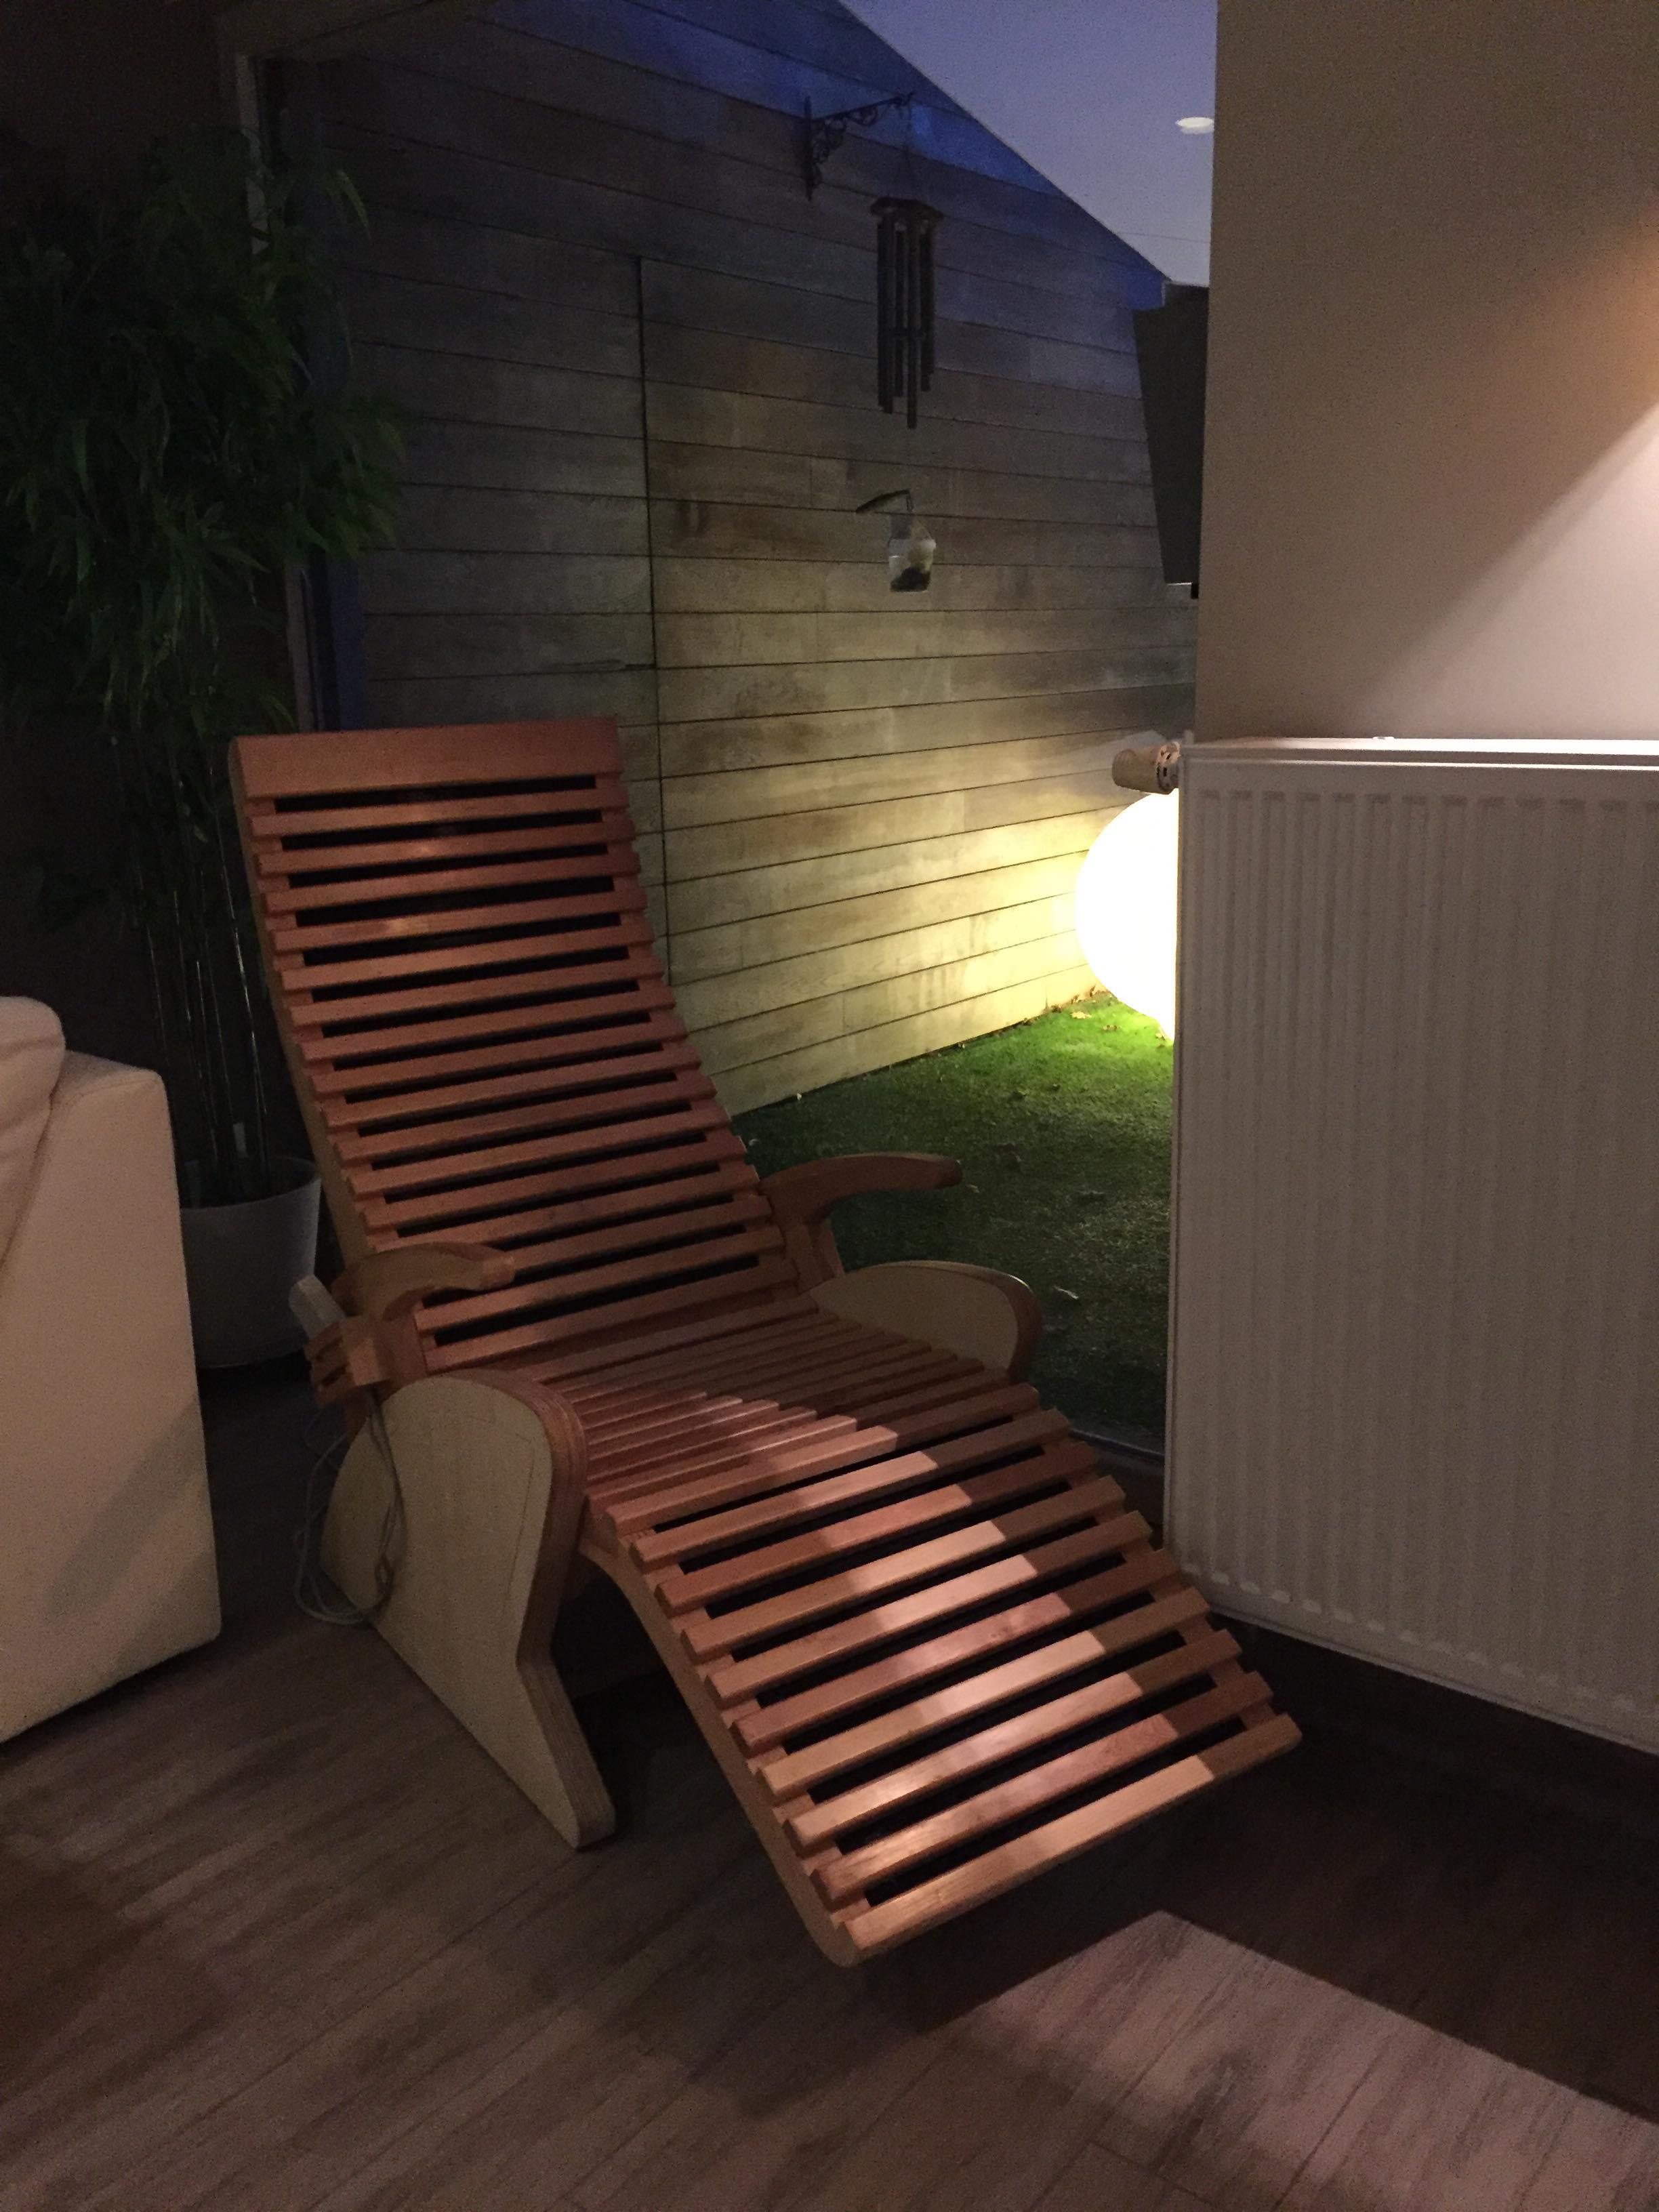 Infrarood relax - Een ware weldaad voor je spieren…Infrarood is een dieptewarmteVoelt minder warm aan dan de sauna maar is daarom niet minder effectief.Goed voor stijve, stramme spieren, Fibromyalgie, artrose, bloeddoorstroming, herstel na sporten,…..